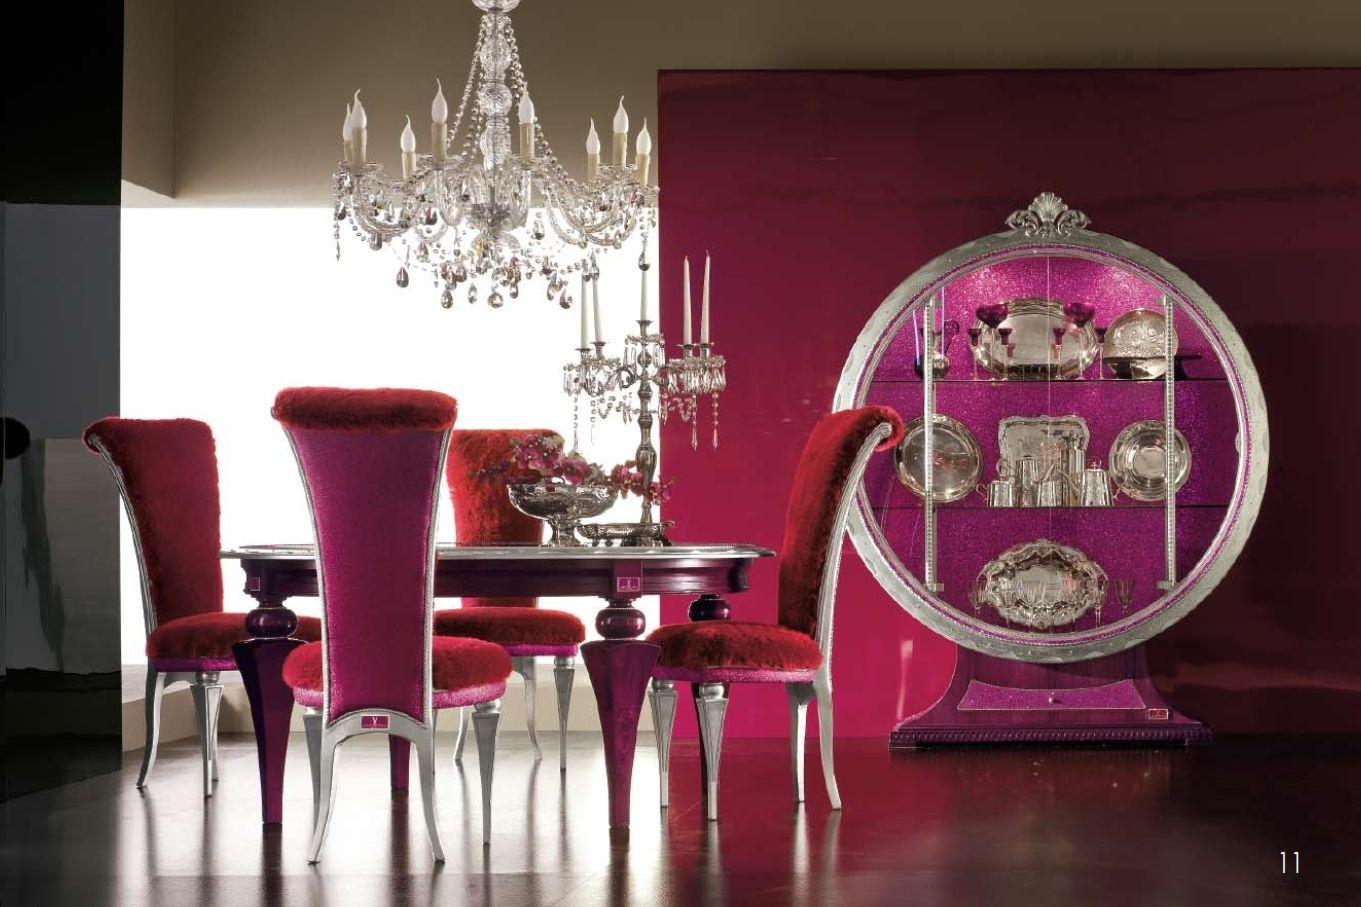 luxus-möbel - luxus esszimmer alta moda tiffany seriedie möbel aus